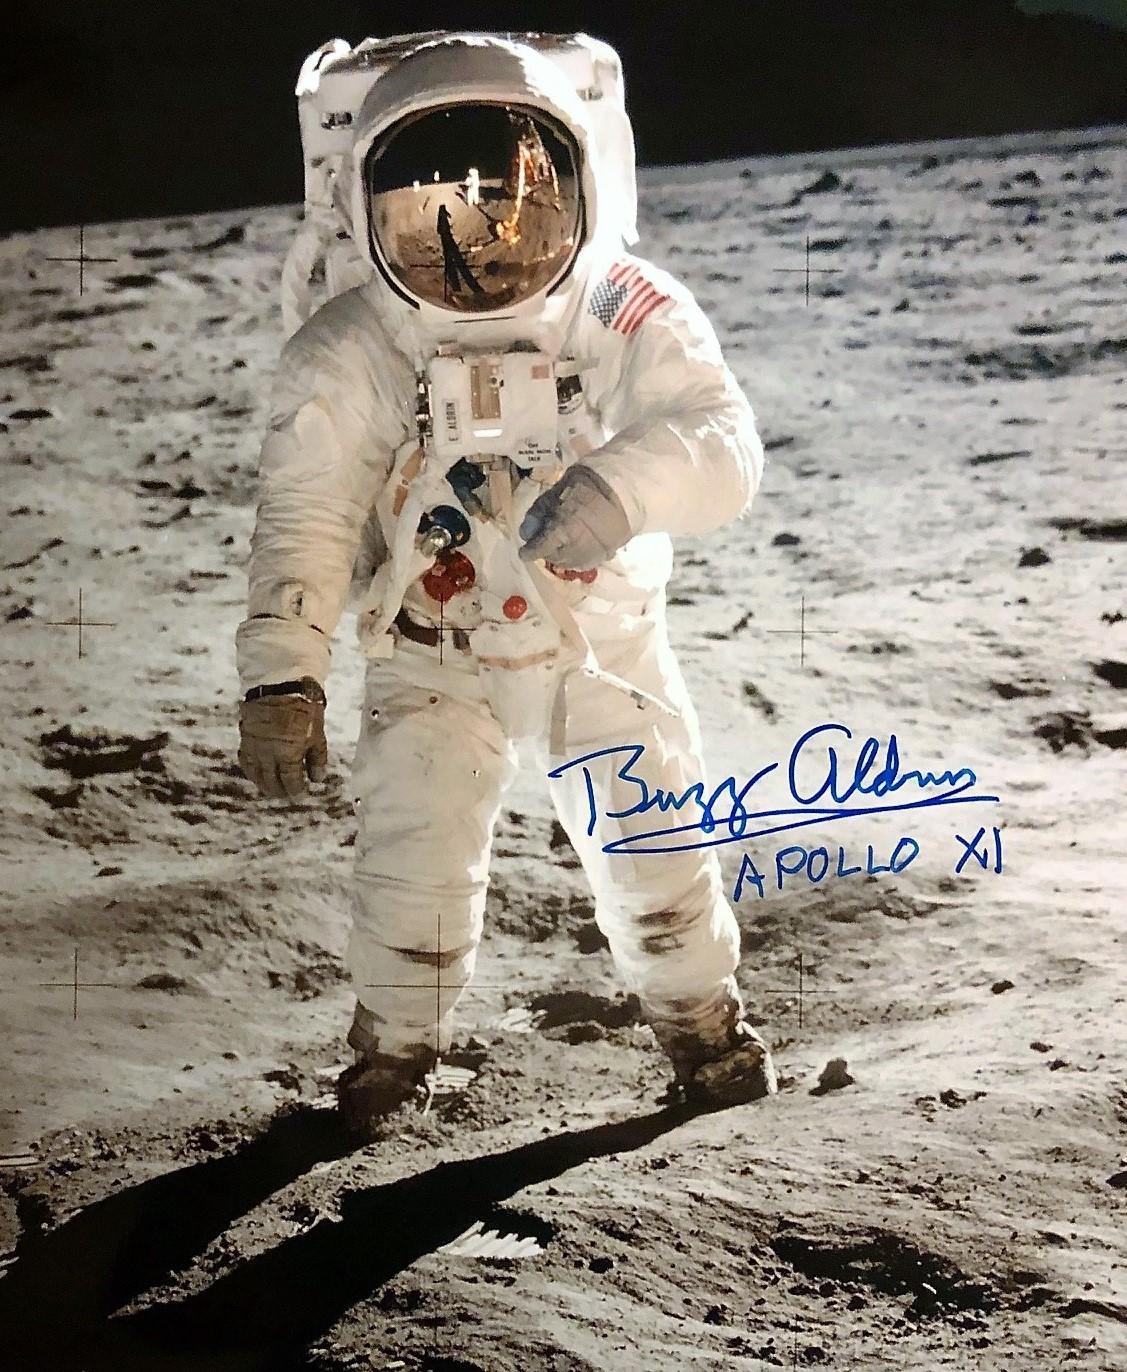 d52301a34ef0a Road to Apollo 11 50th Anniversary